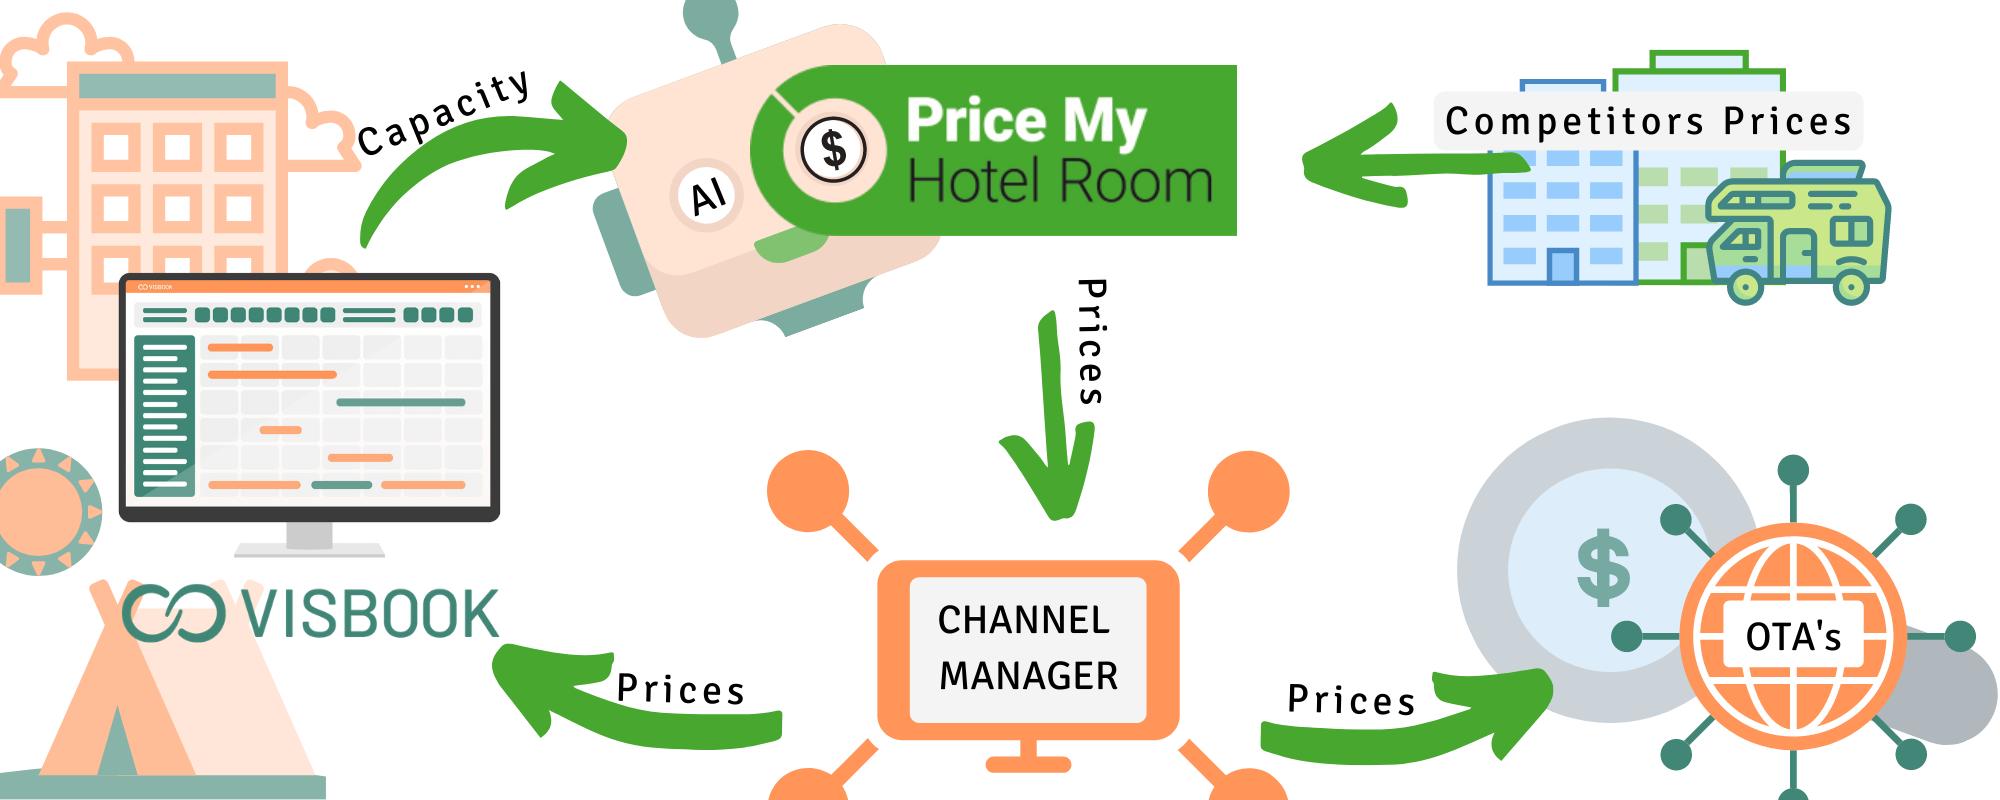 VisBook och Price My Hotel Room i unik satsning för campingplatser-img